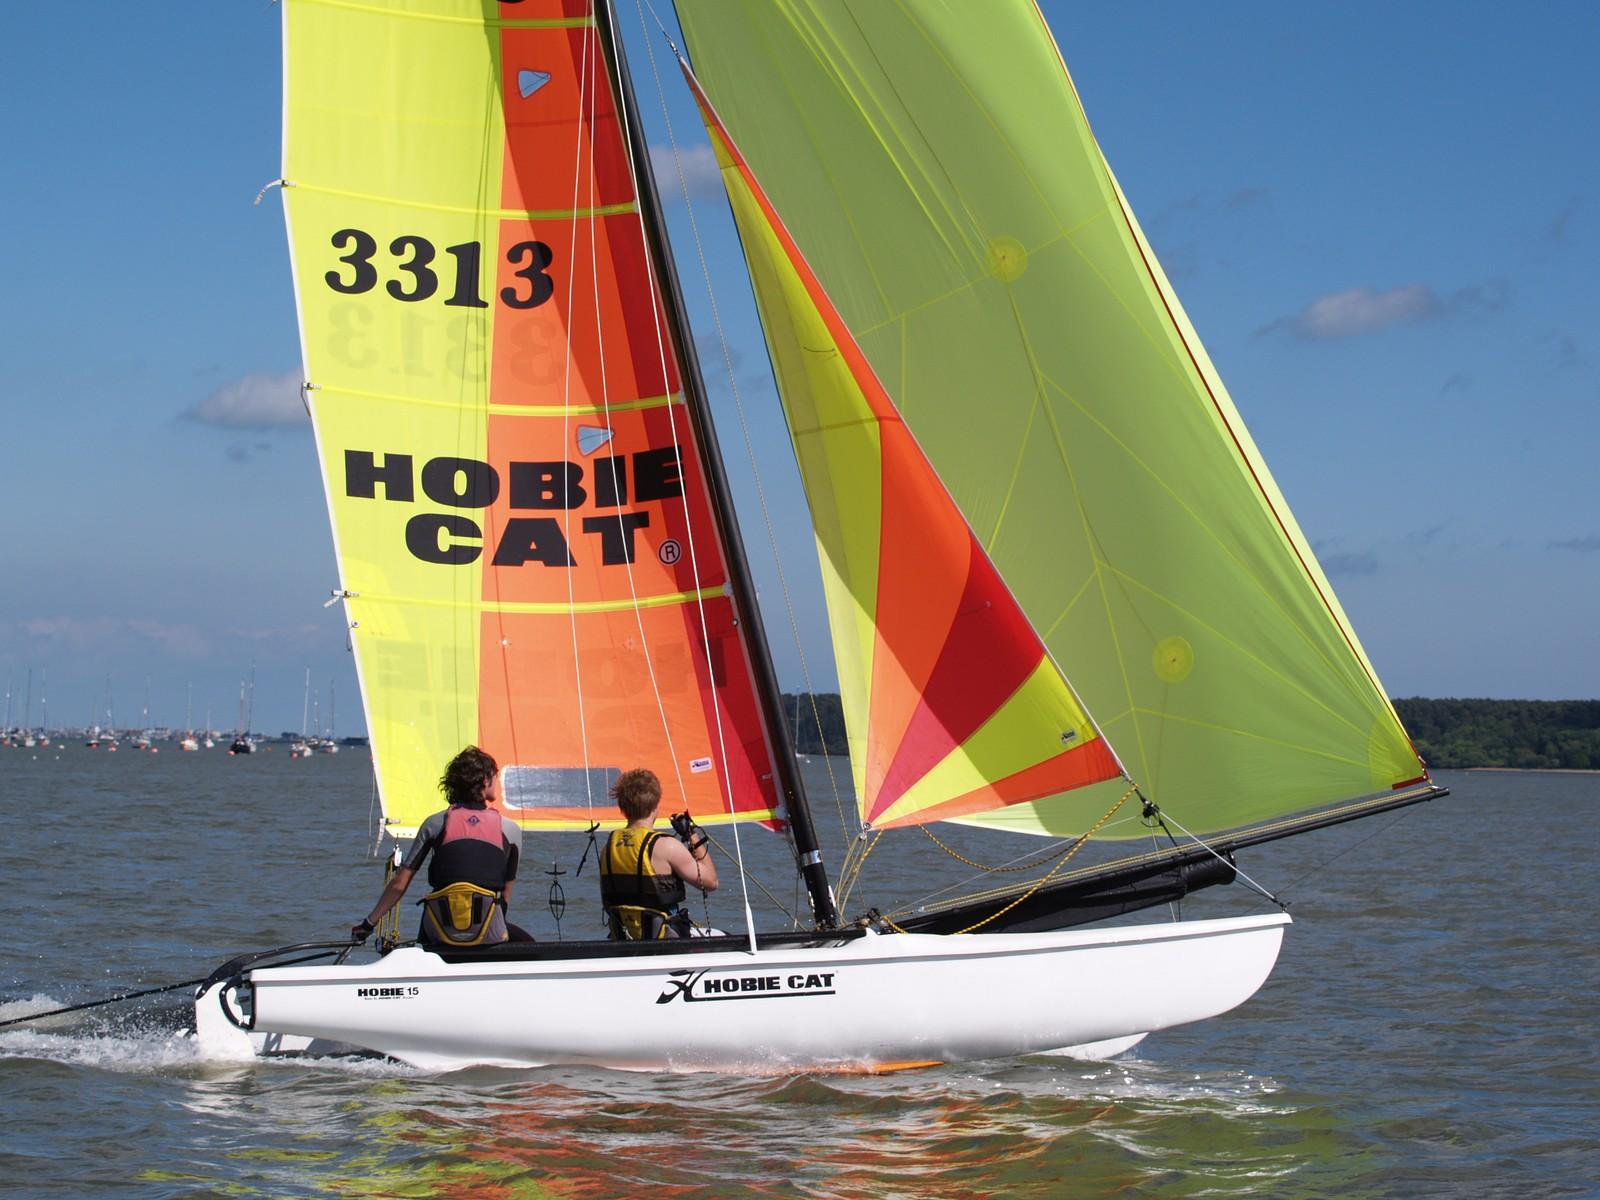 Dimension Catamaran Hobie Cat